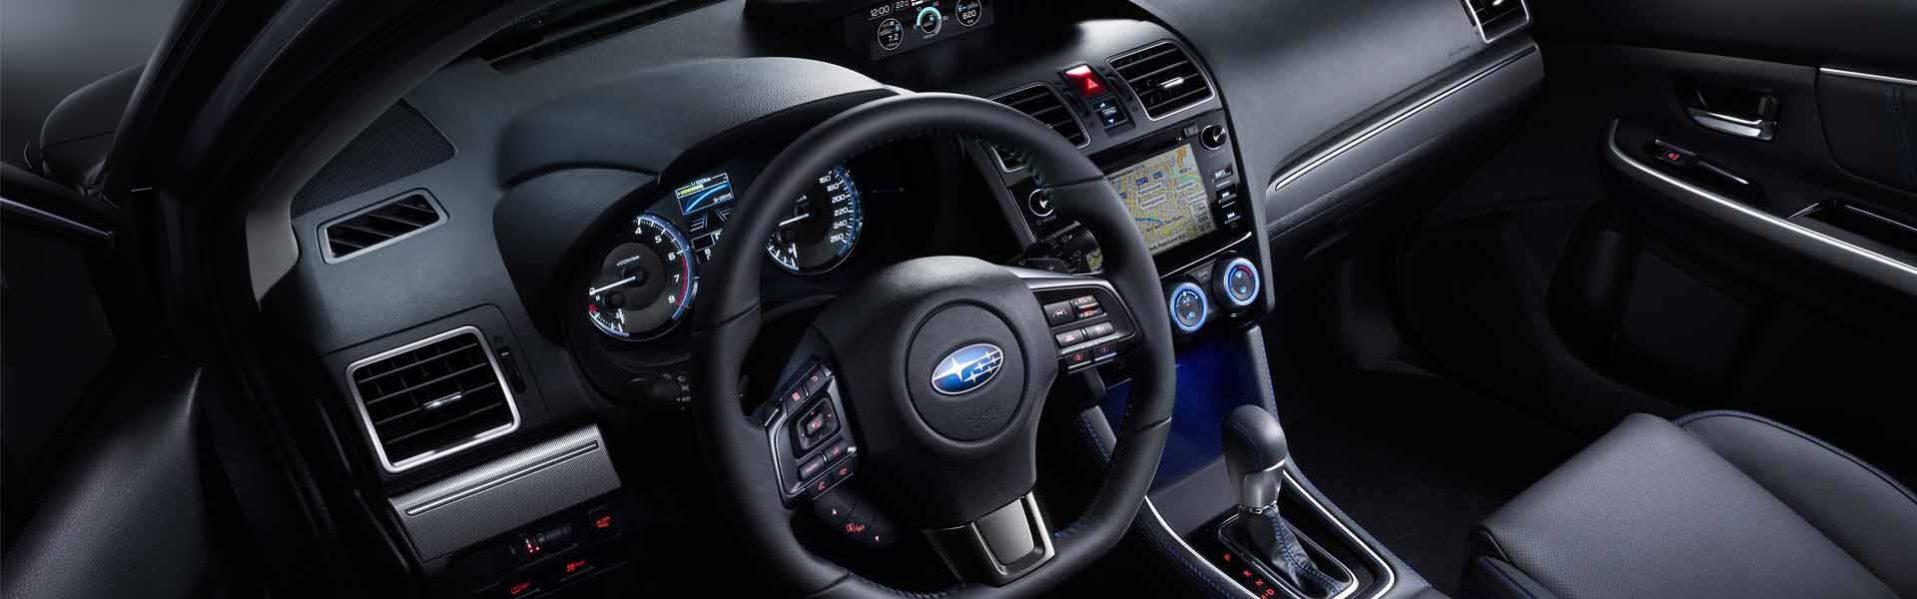 Subaru - modernste Cockpits mit EyeSight